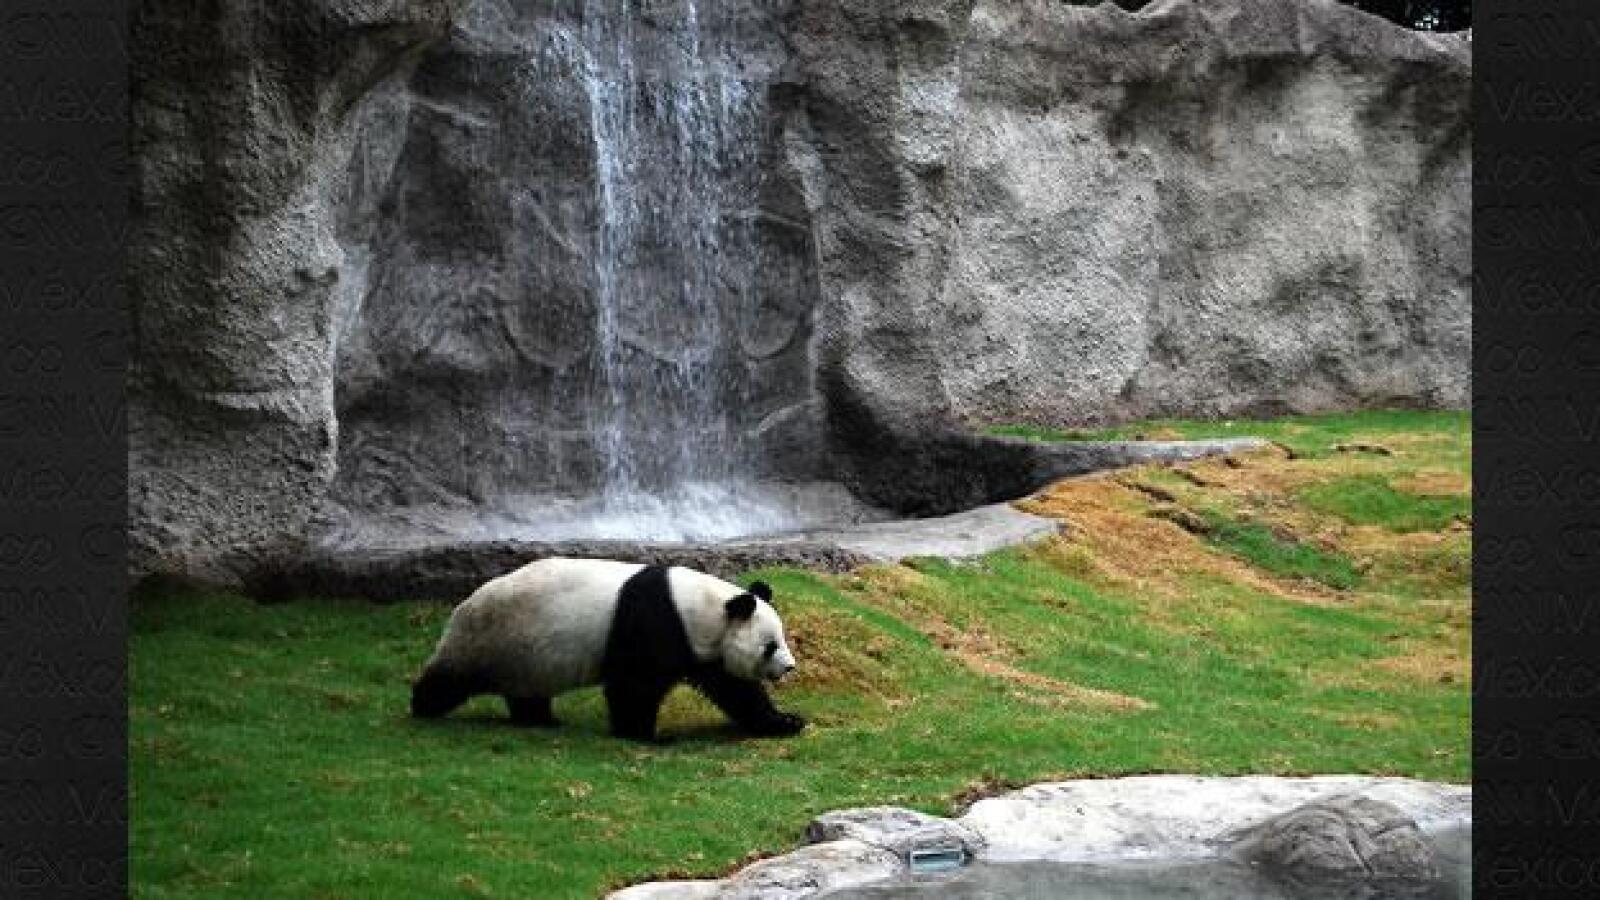 Panda Shuan Shuan